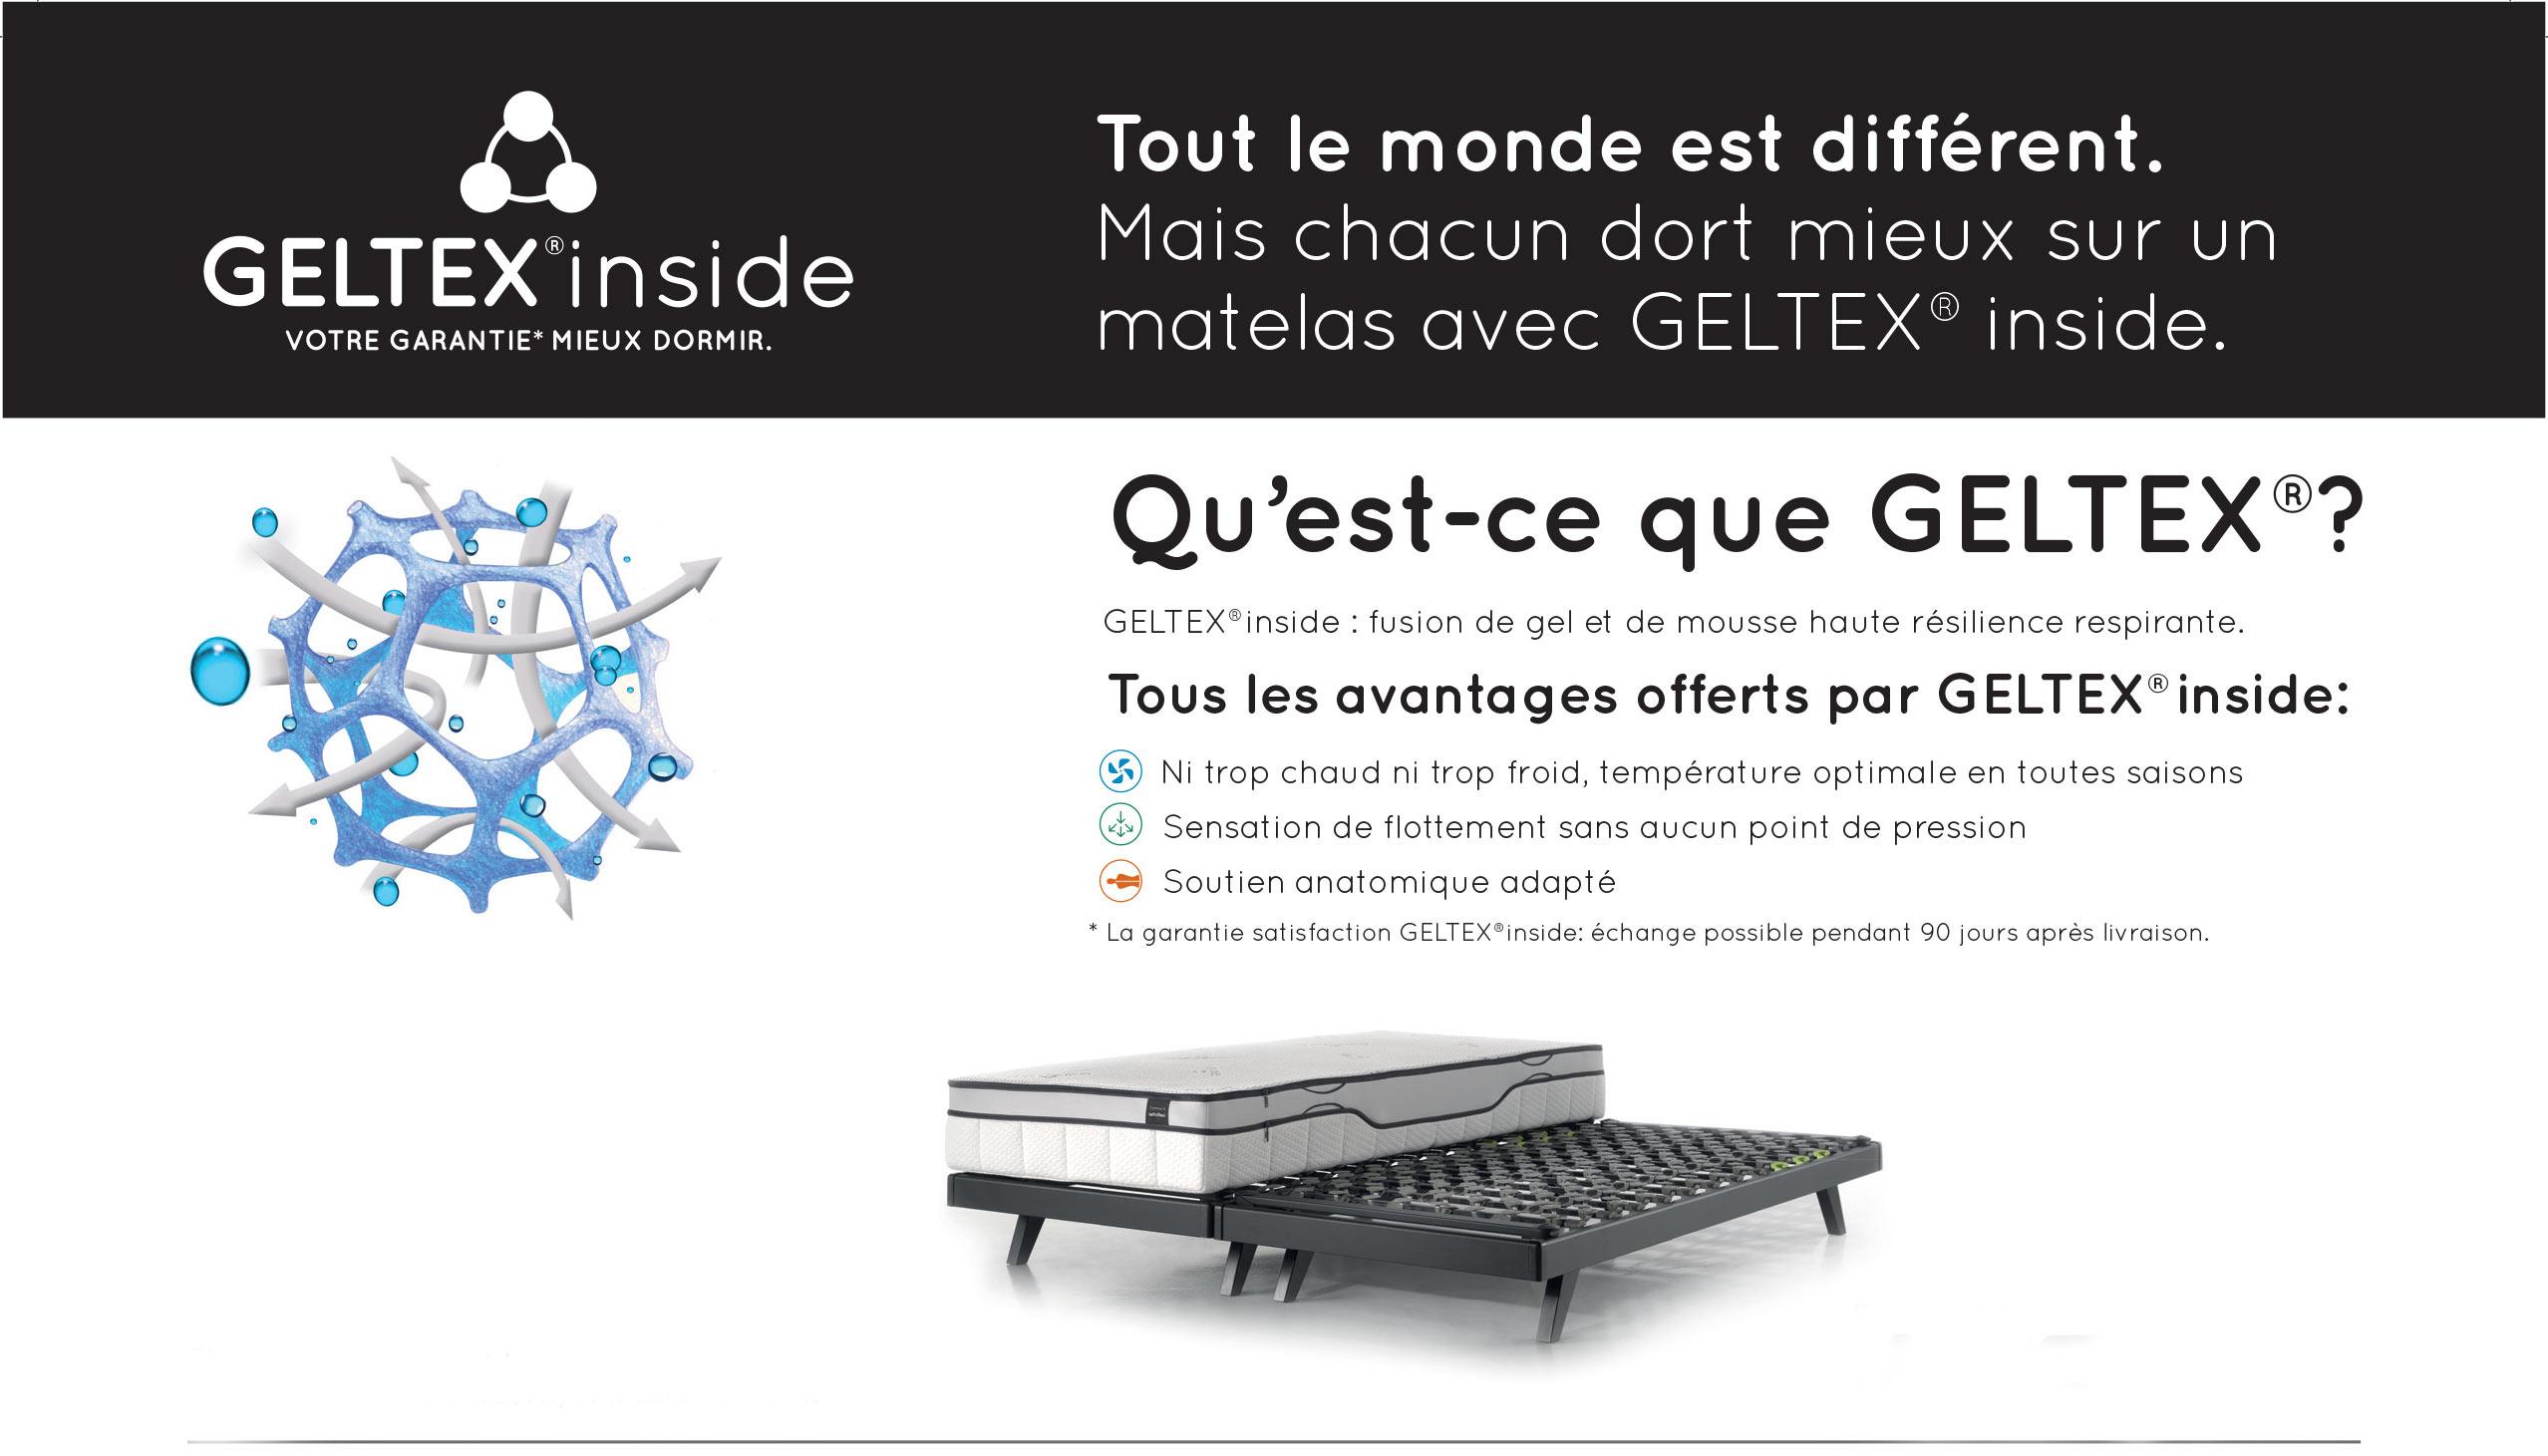 Geltex inside